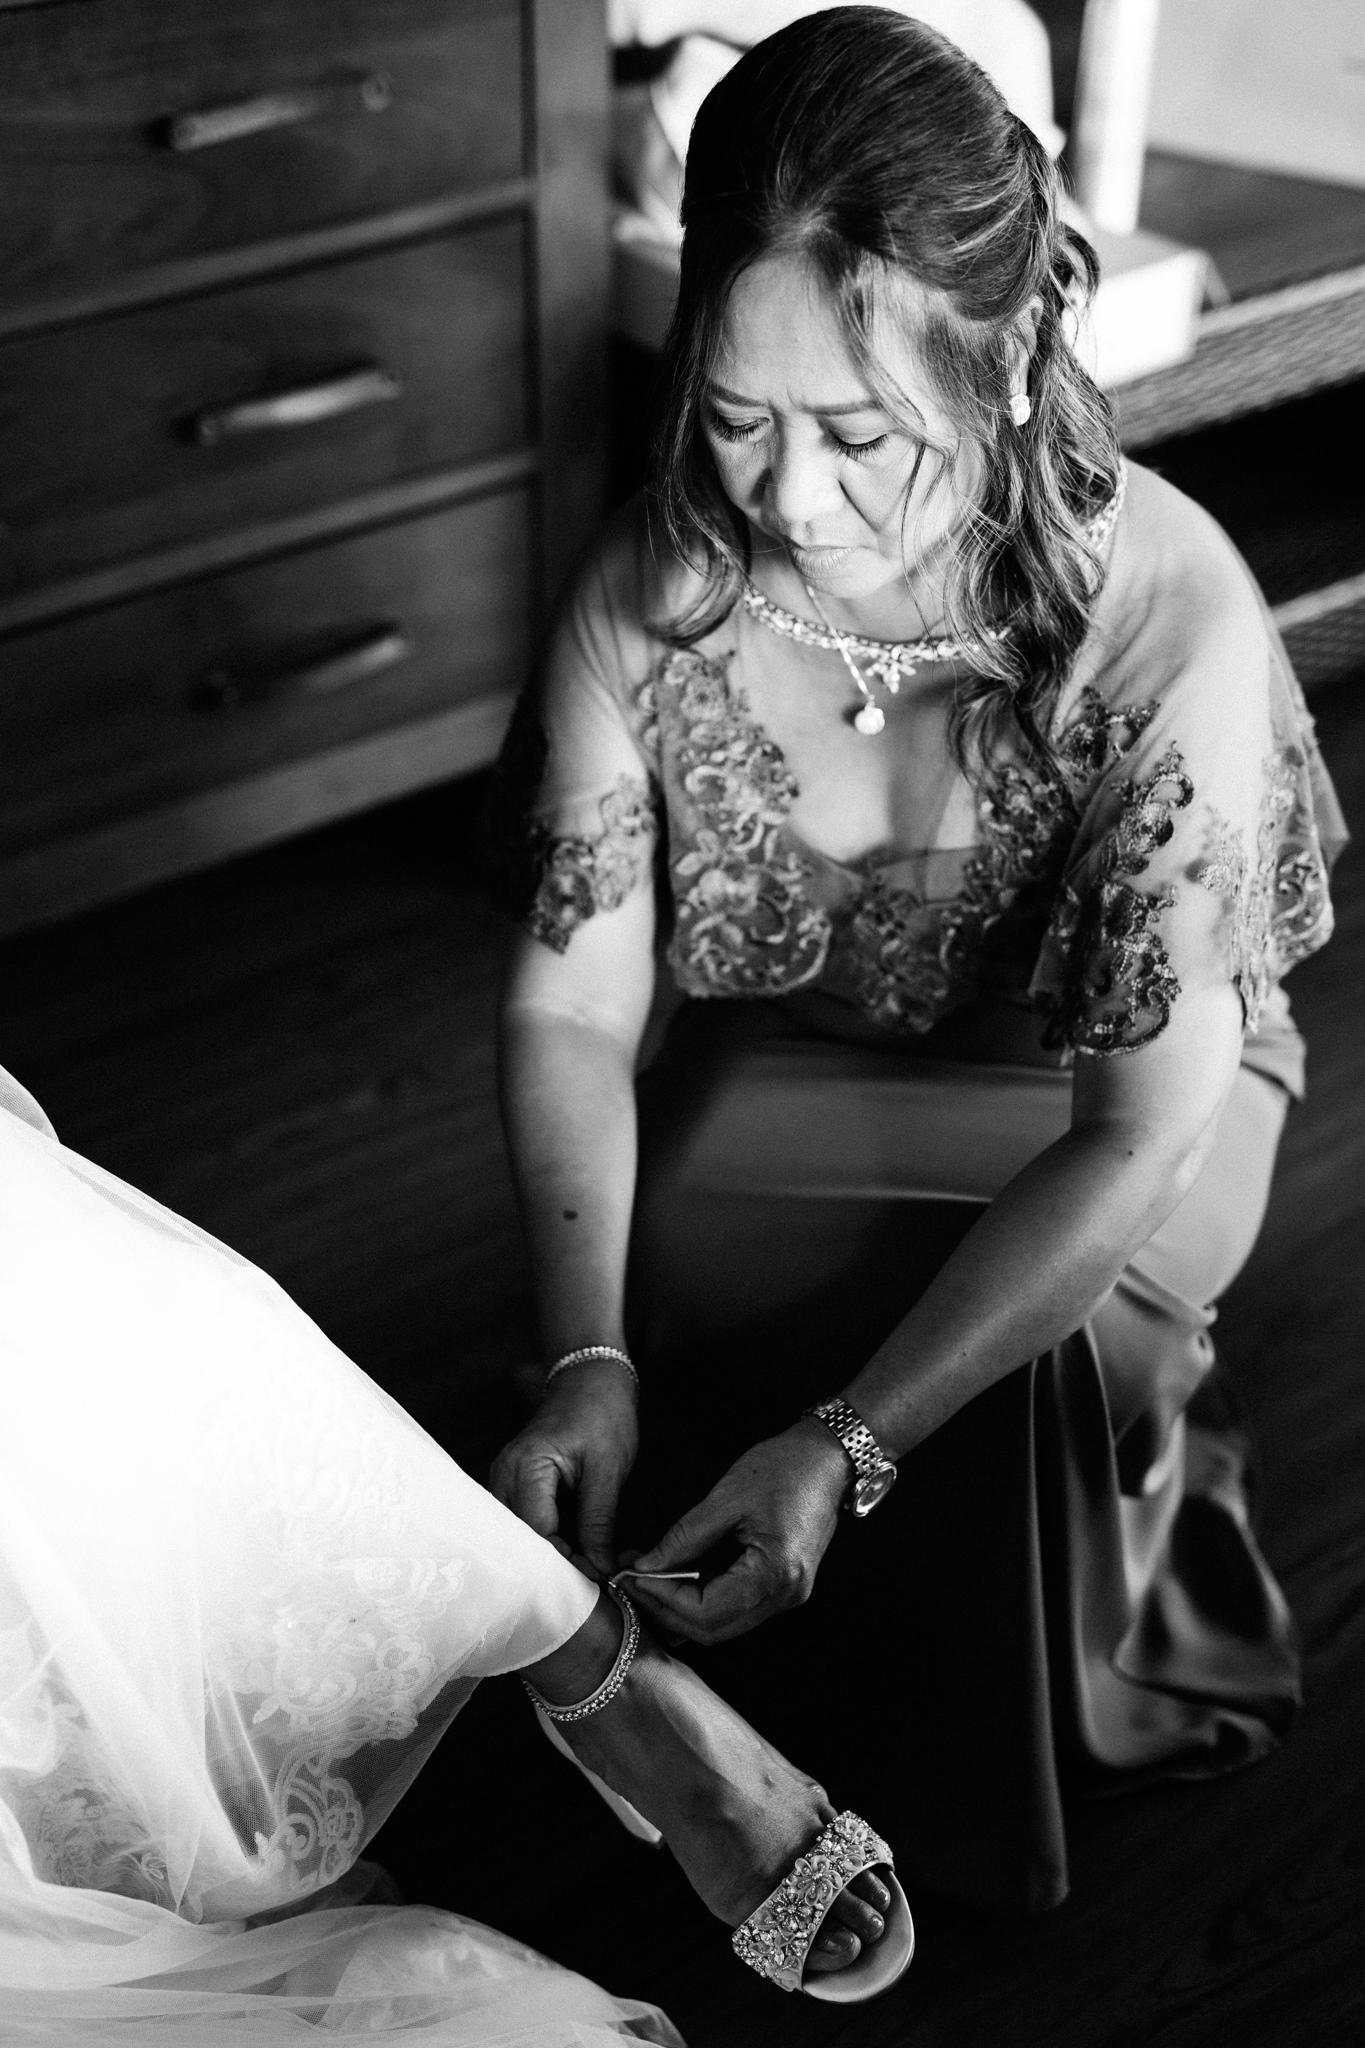 kualoa_ranch_wedding_photography_tone_hawaii-38.jpg